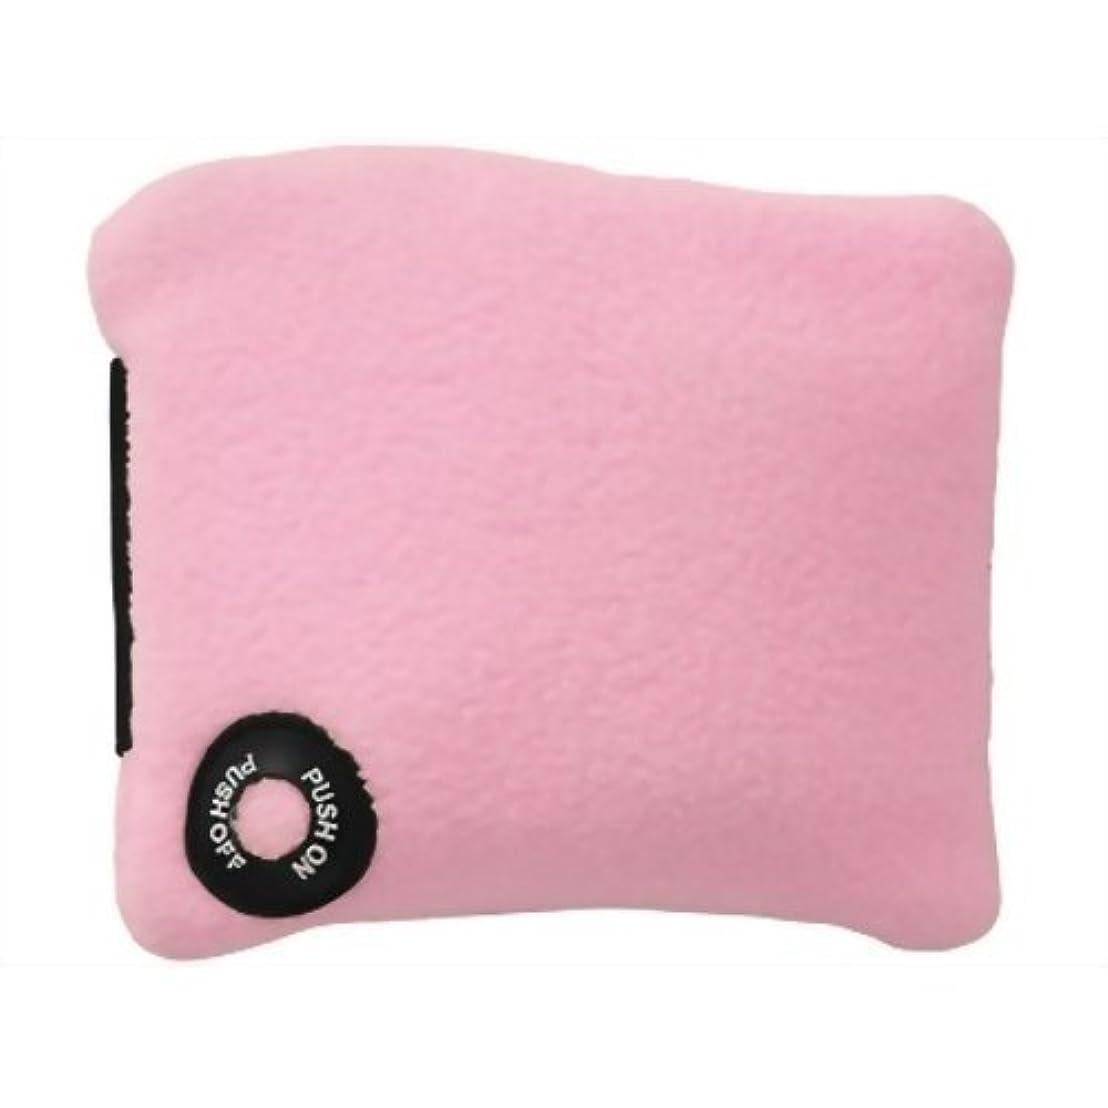 シルク手回復ぶるる 足用 ピンク フリーサイズ